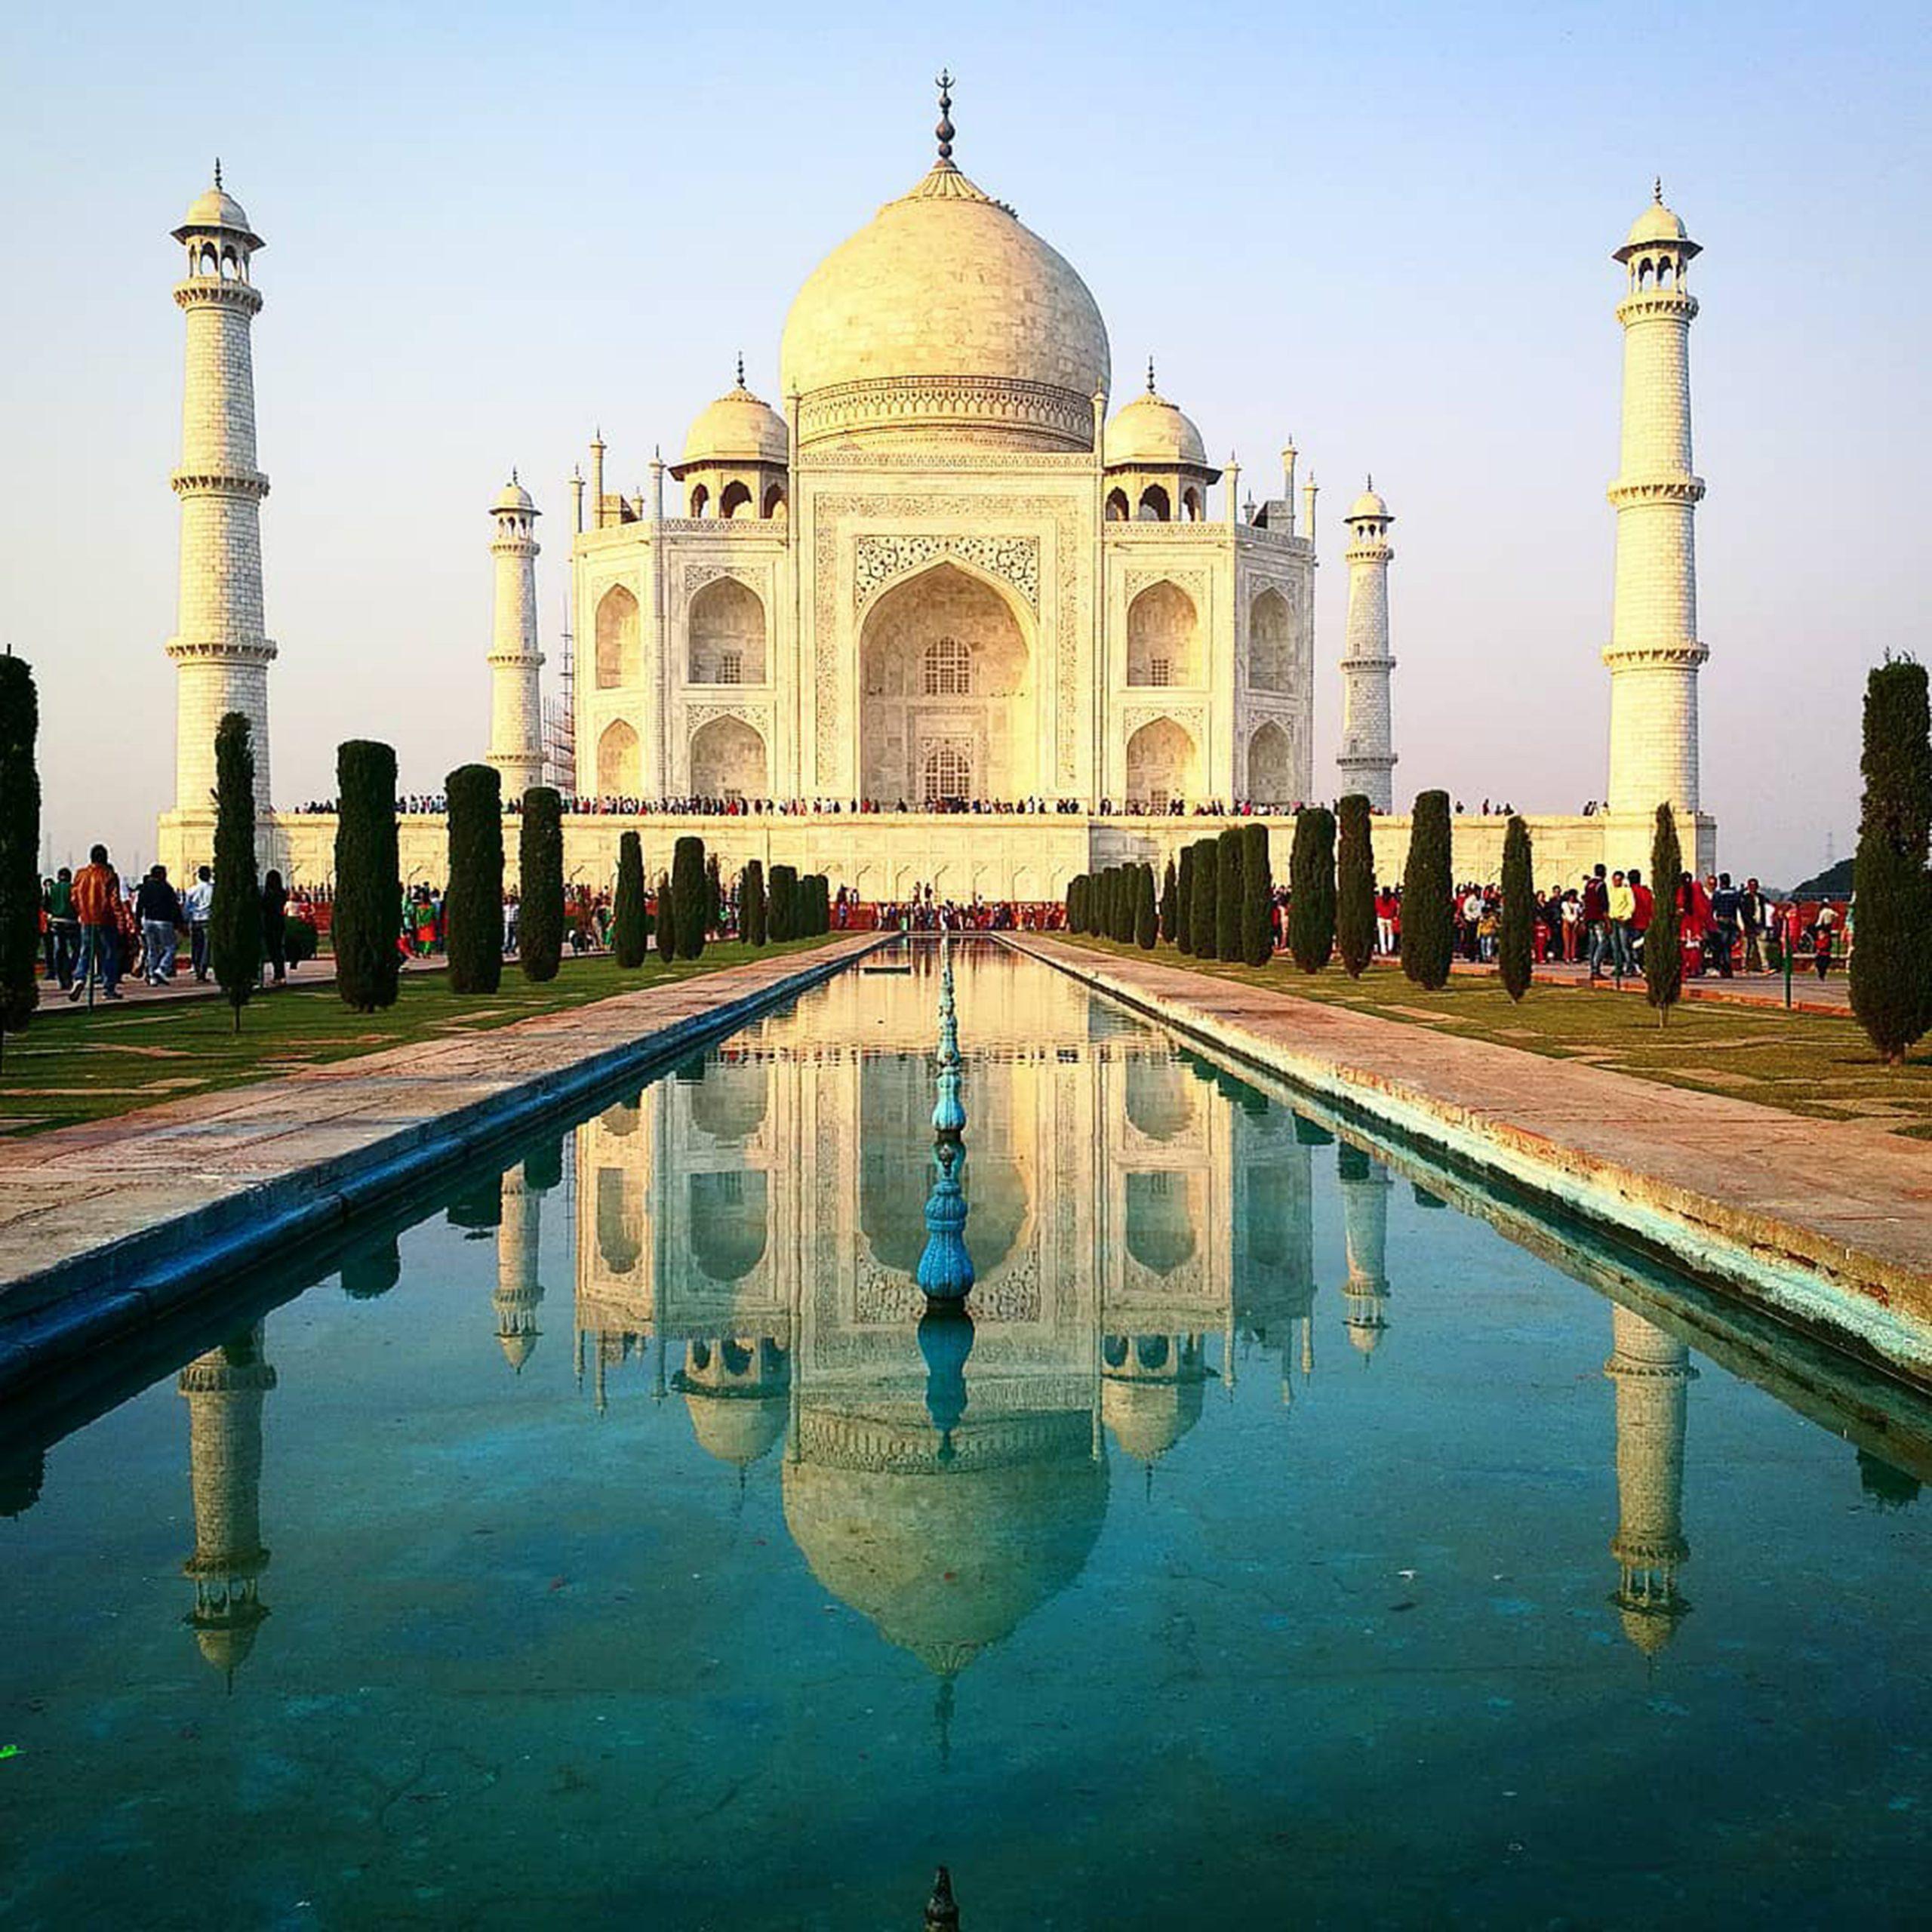 Reflecting Taj Mahal